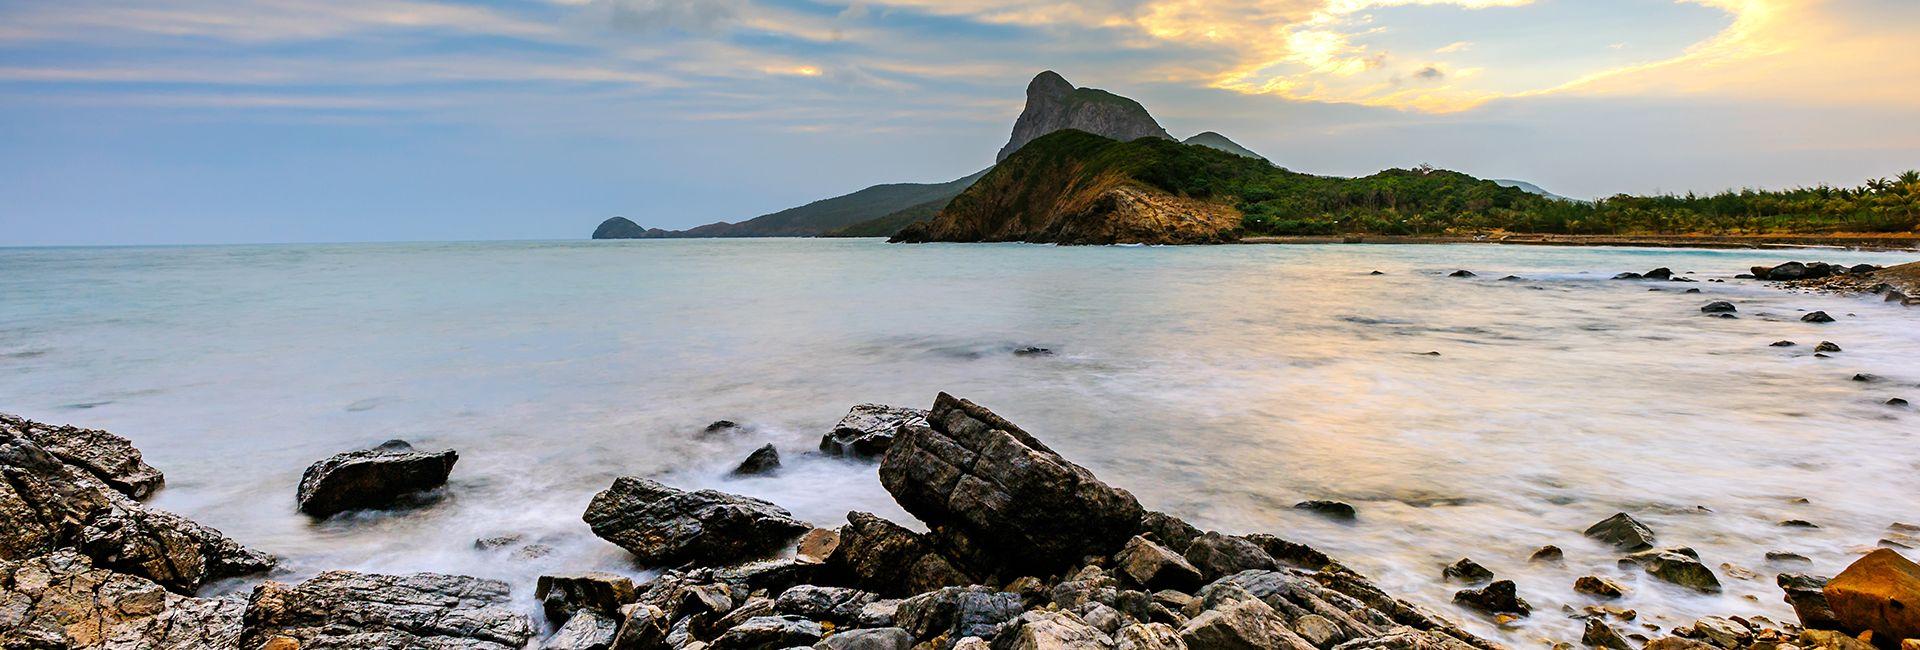 8 bãi biển tại Vũng Tàu sạch sẽ và an toàn phù hợp để tắm